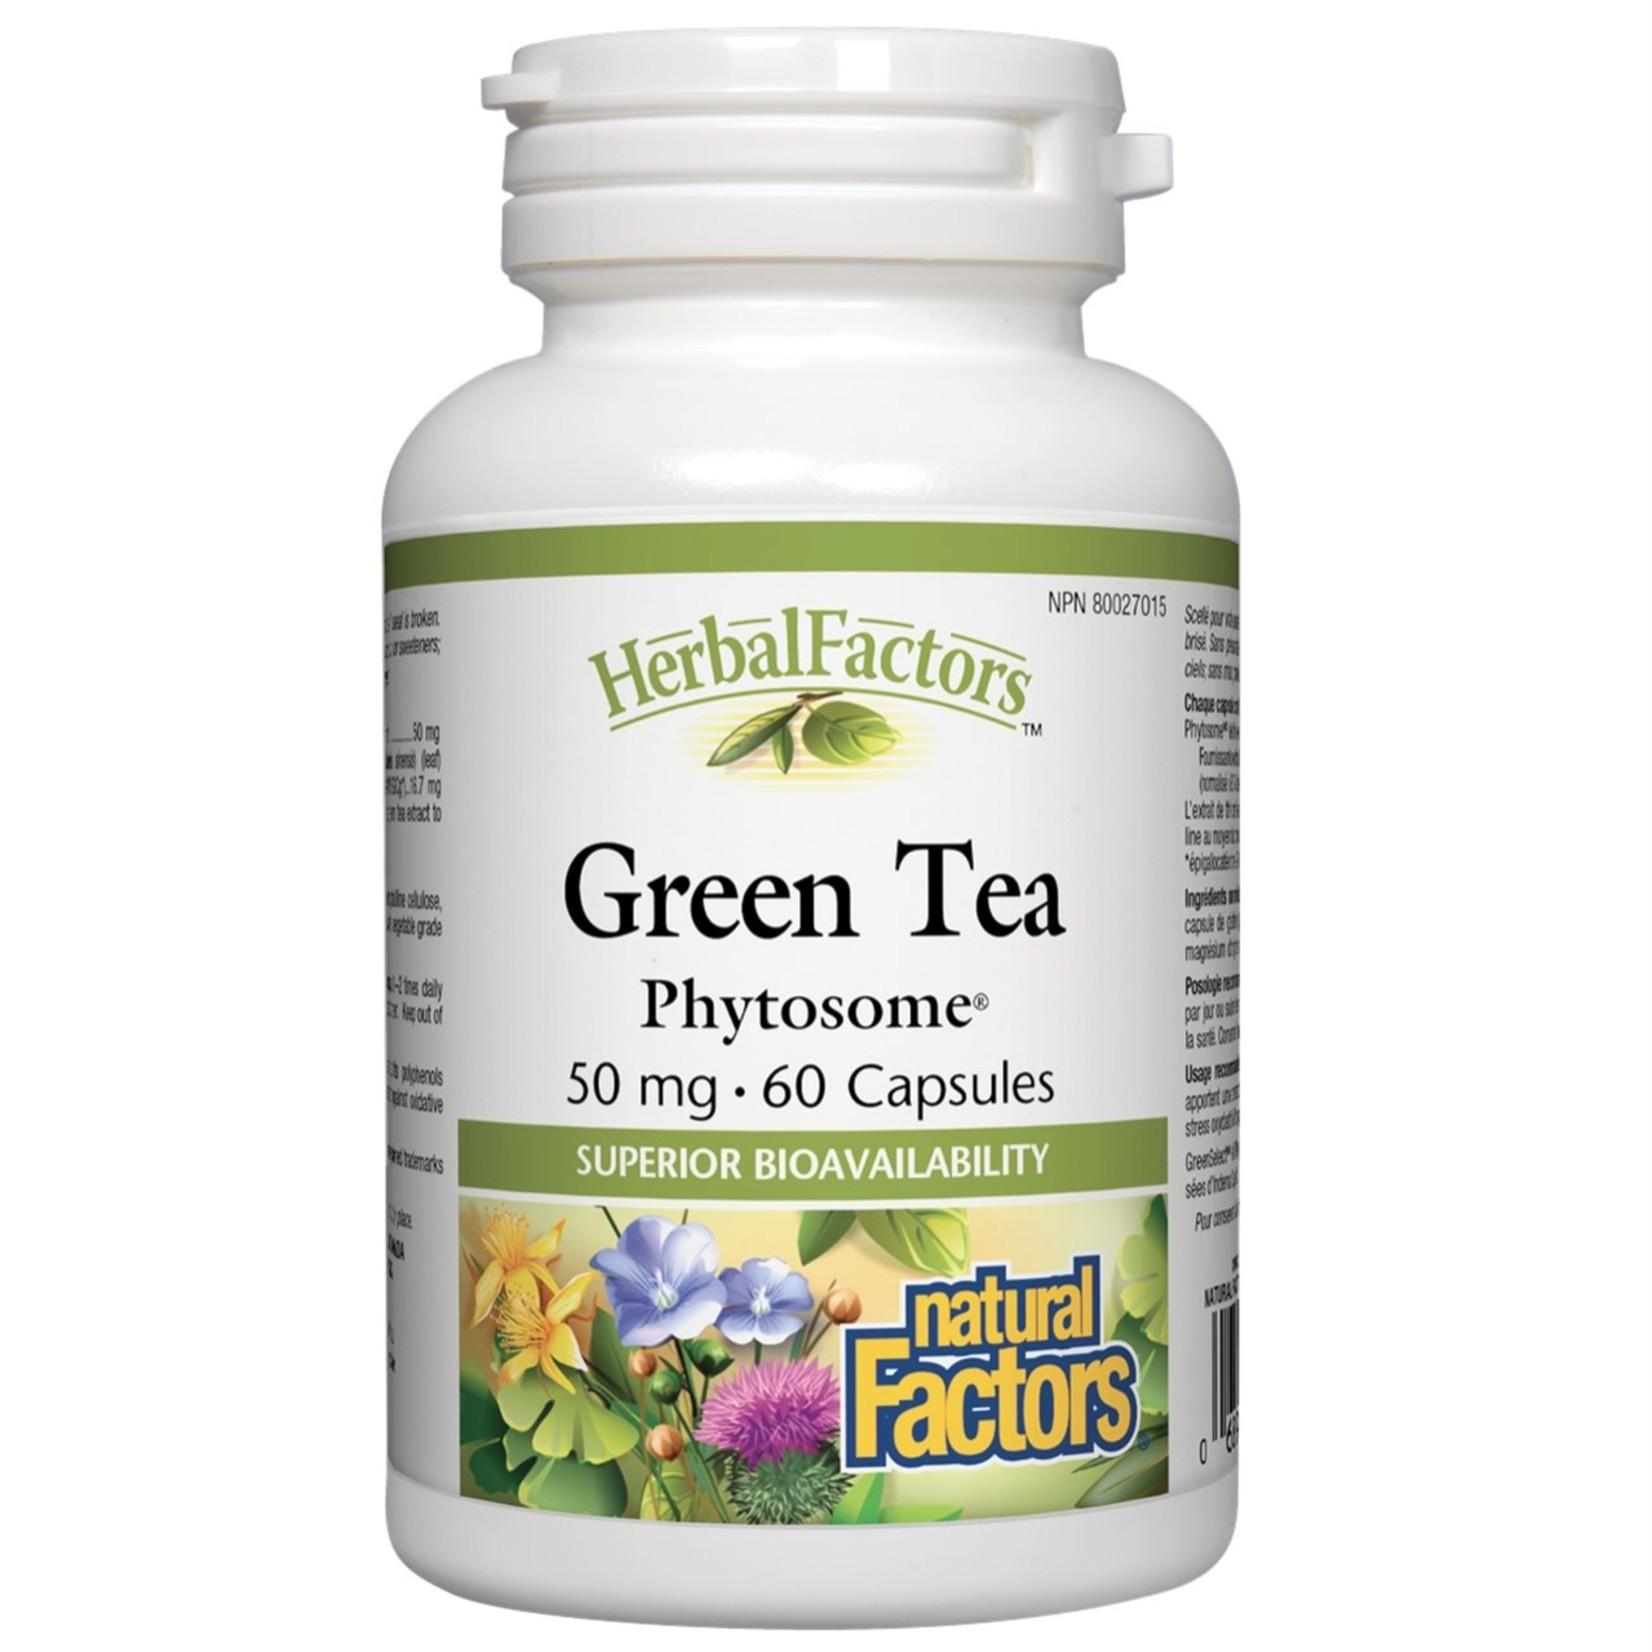 Natural Factors Natural Factors Green Tea Phytosome 50 mg 60 caps